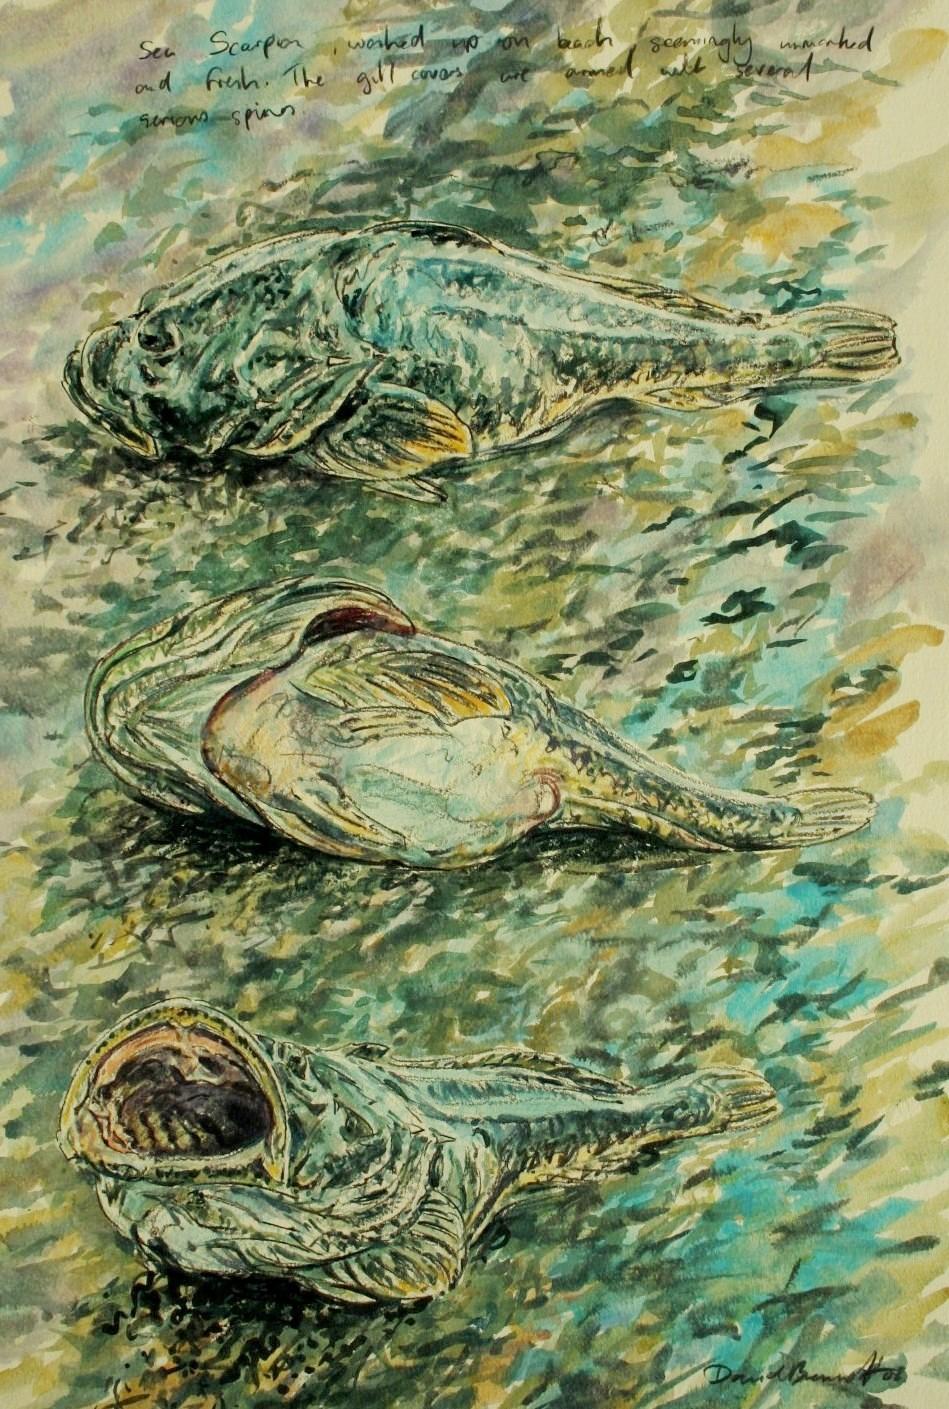 Seascorpion, Mull